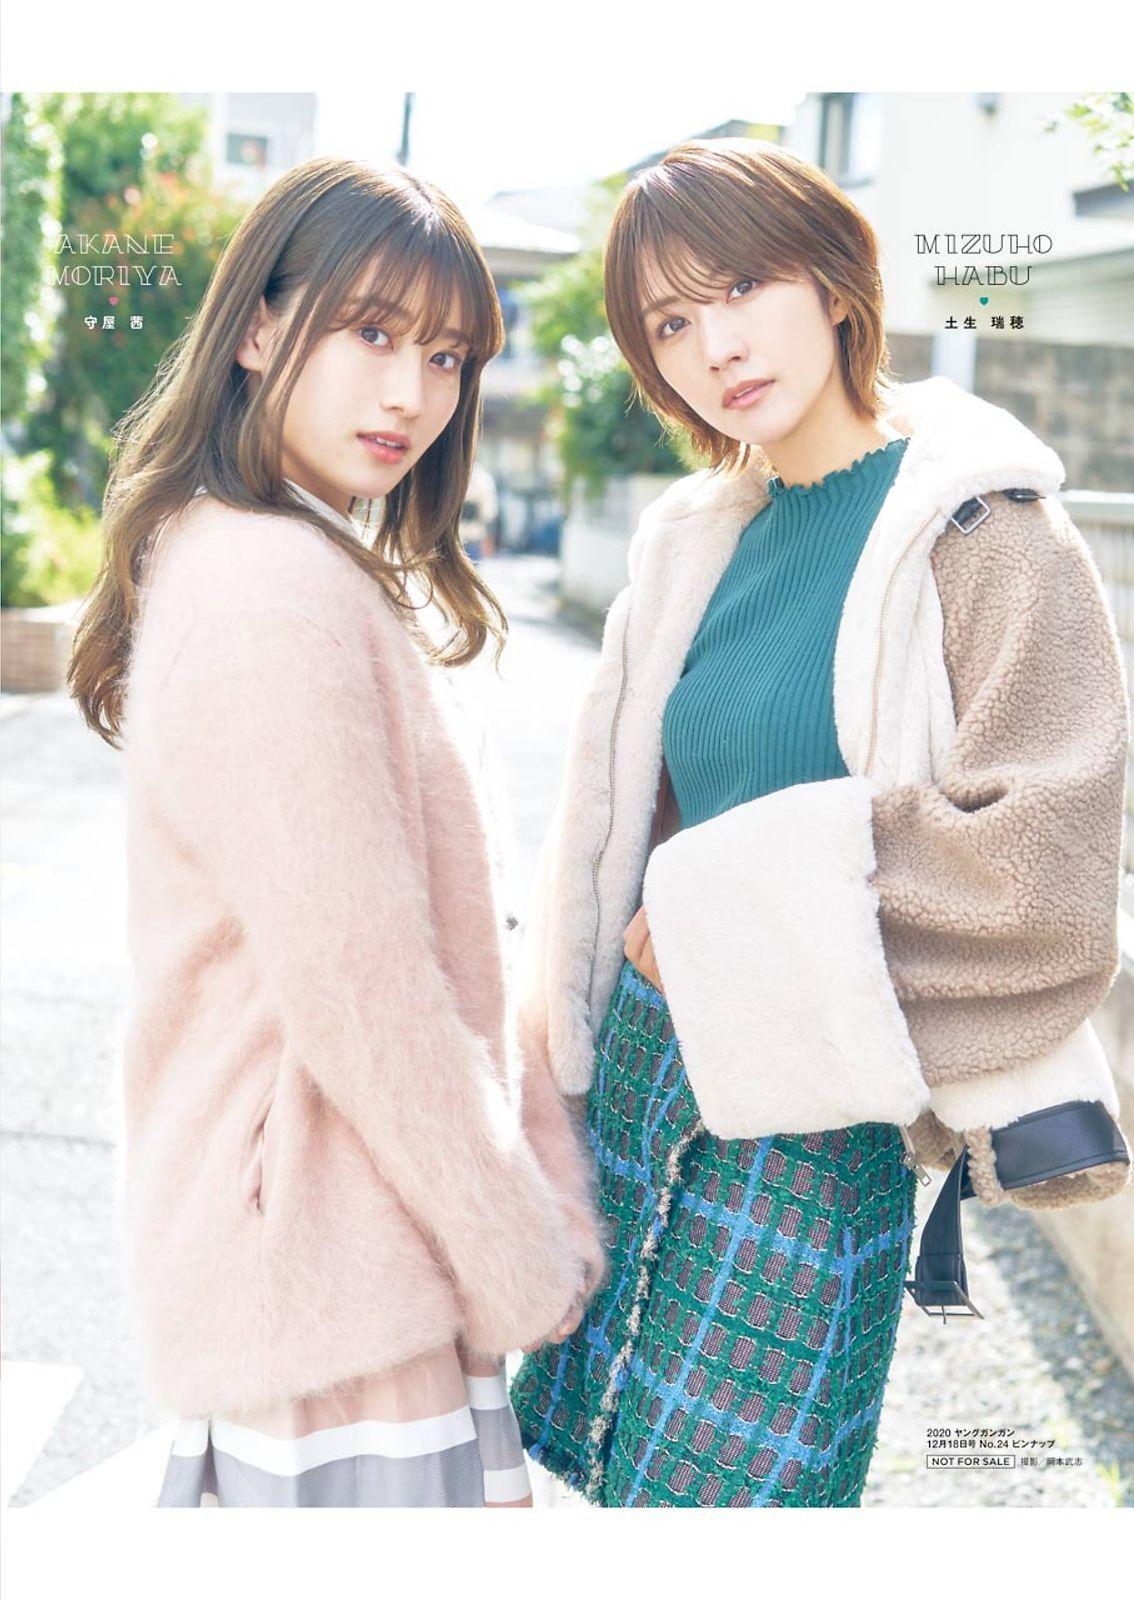 樱坂46 Young Gngan 02_1